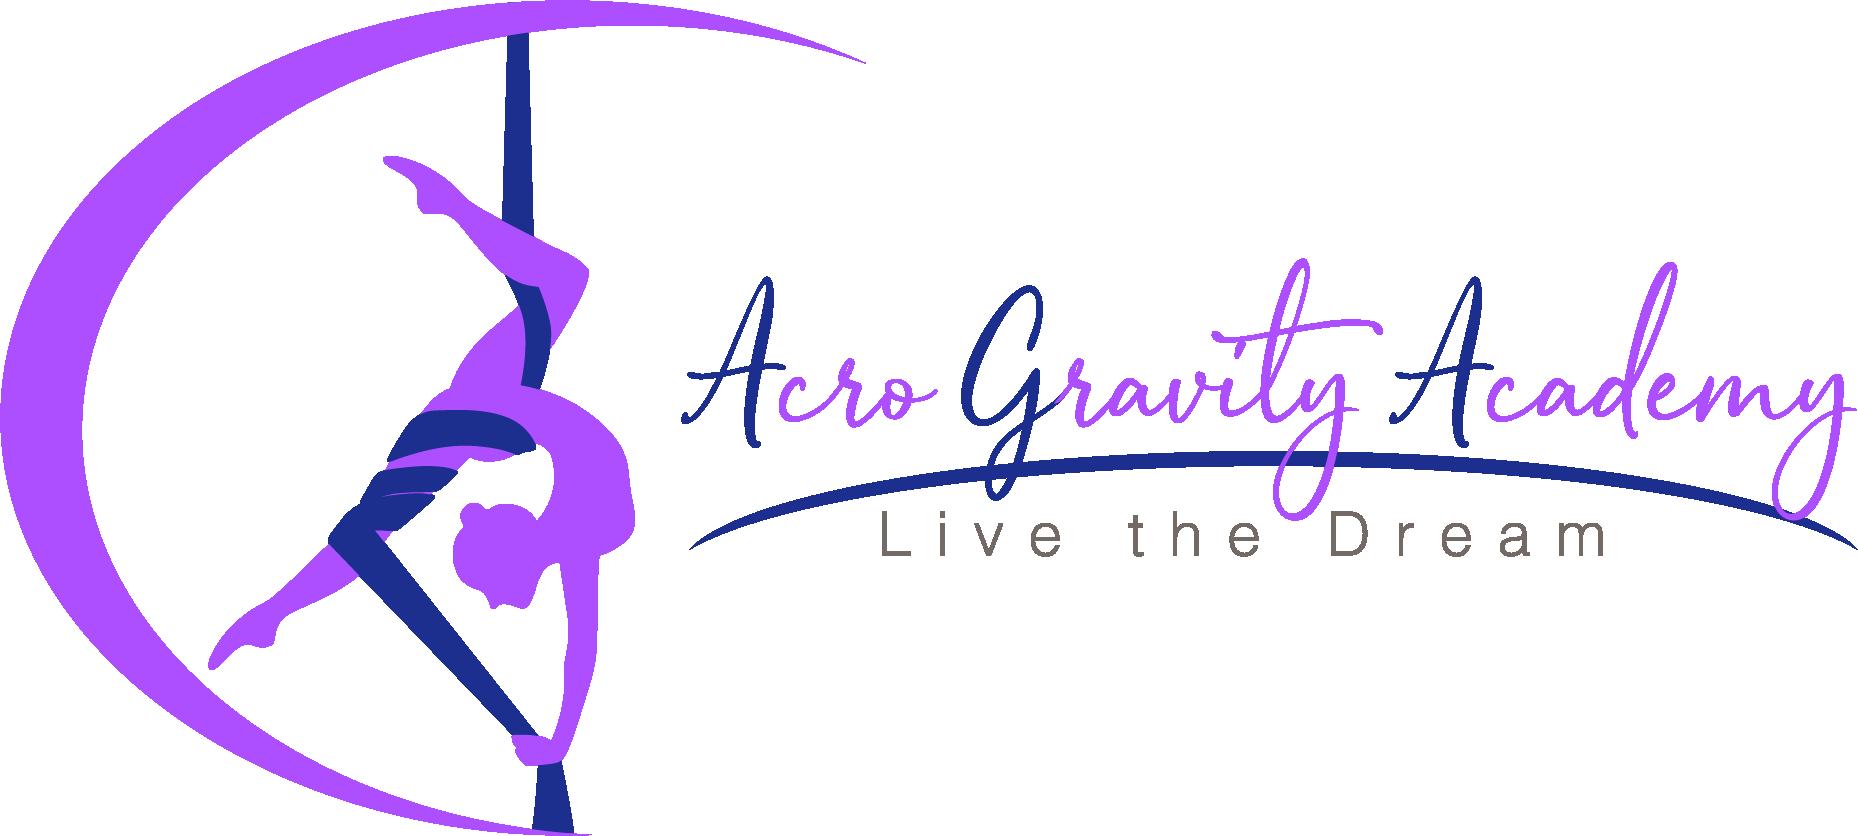 Acro Gravity Academy